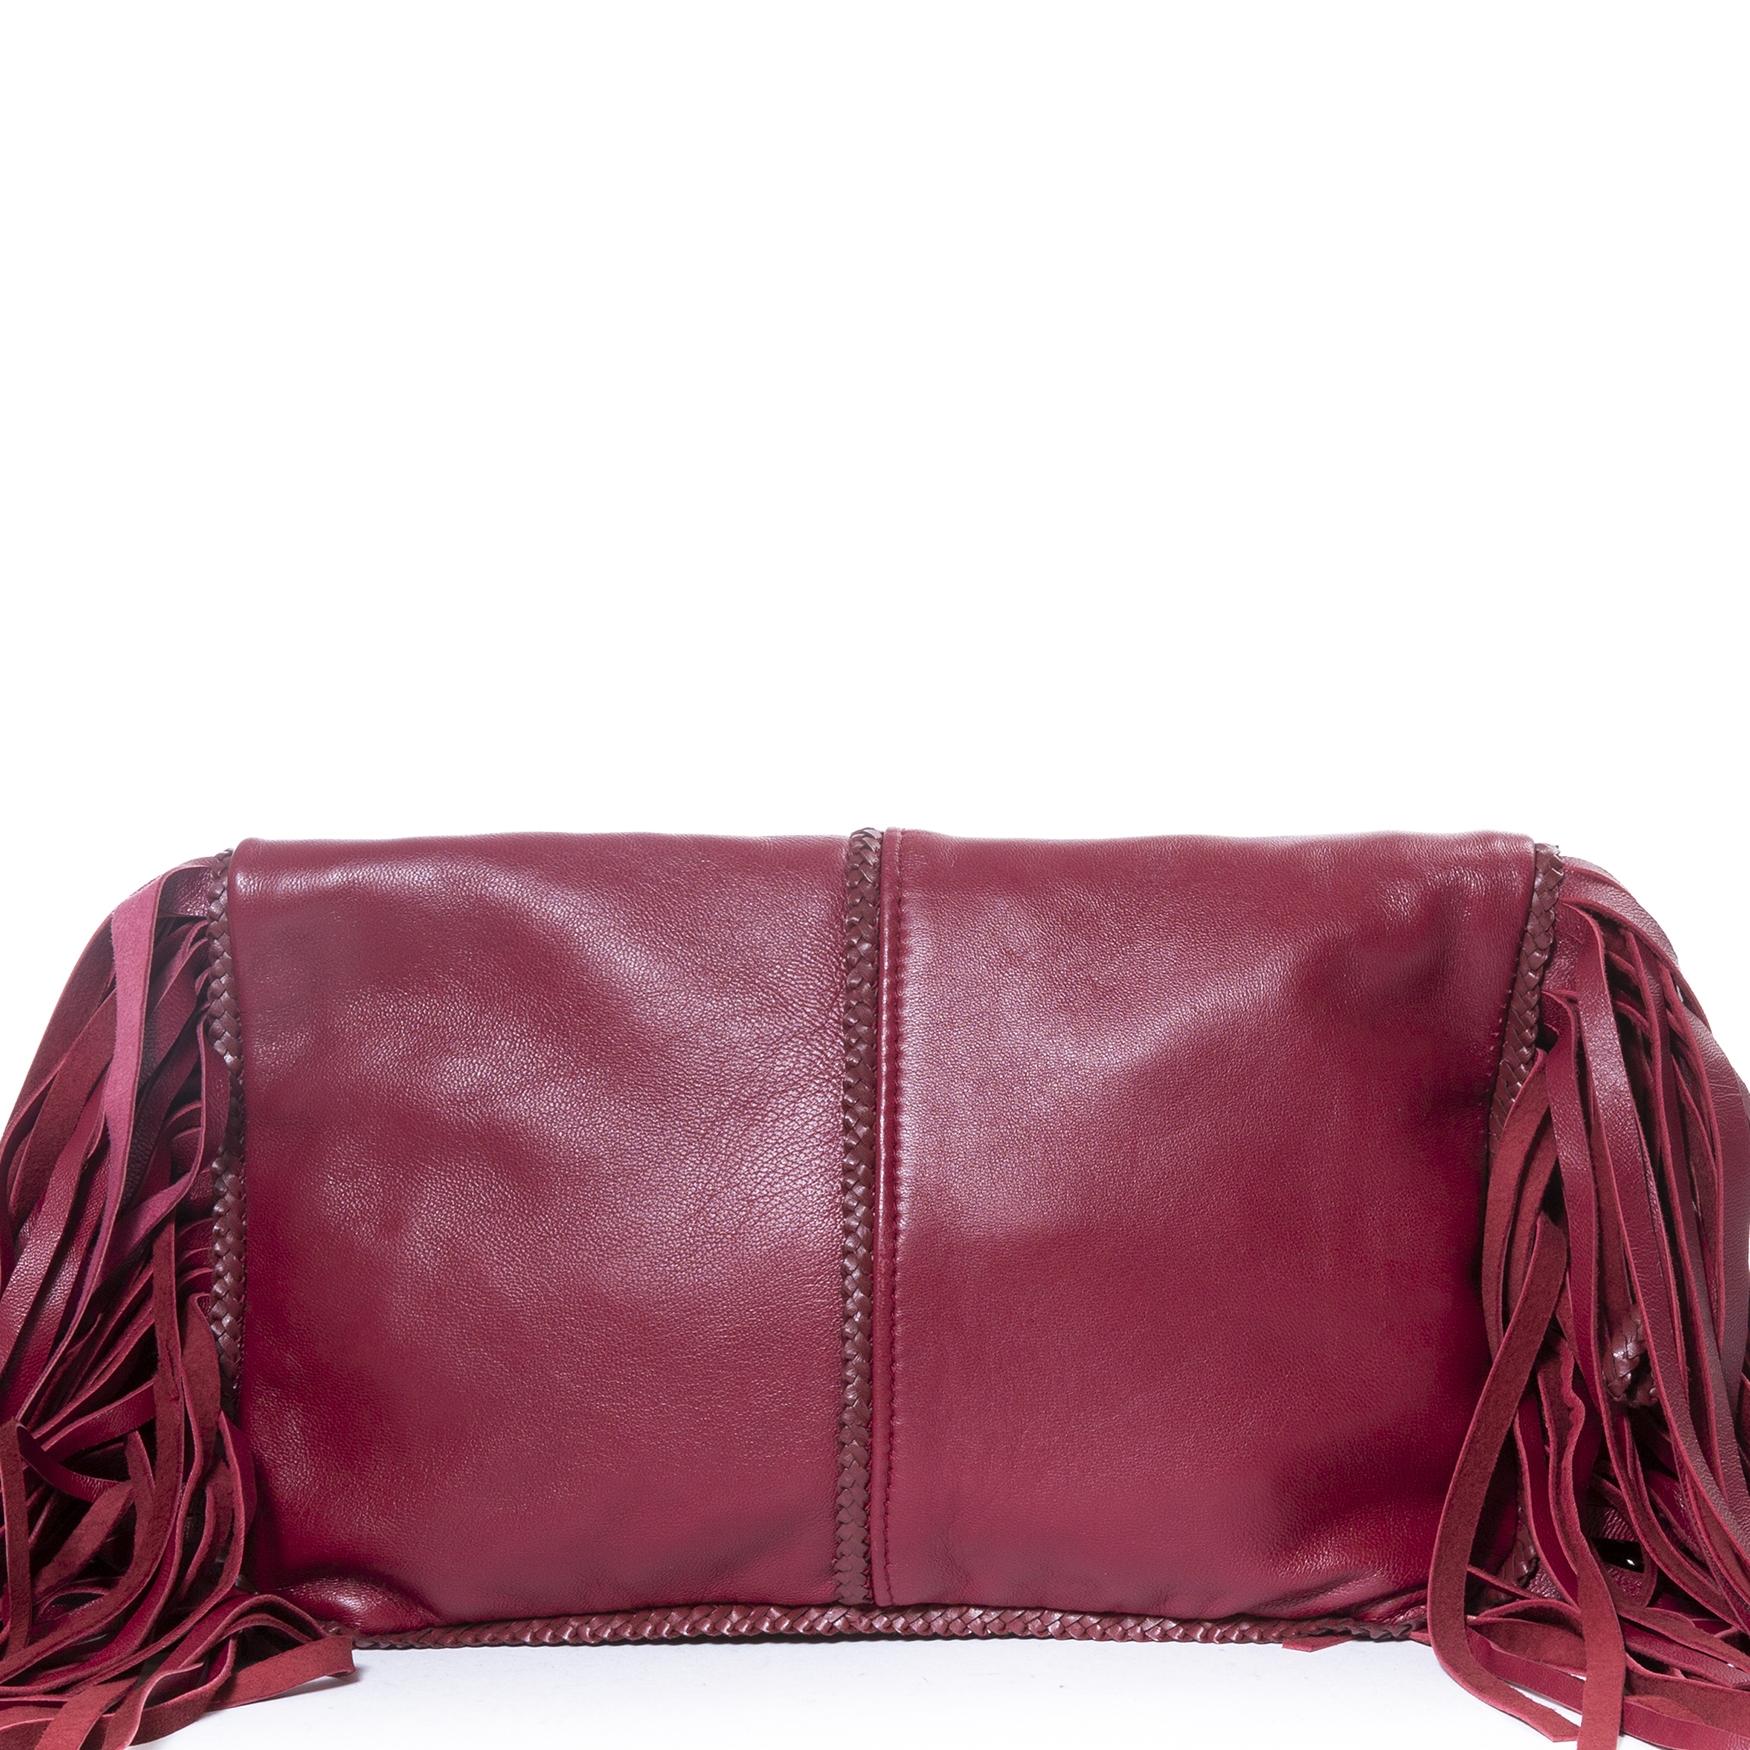 achetez Mina Vatter Red Leather Fringe Clutch chez labellov pour le meilleur prix